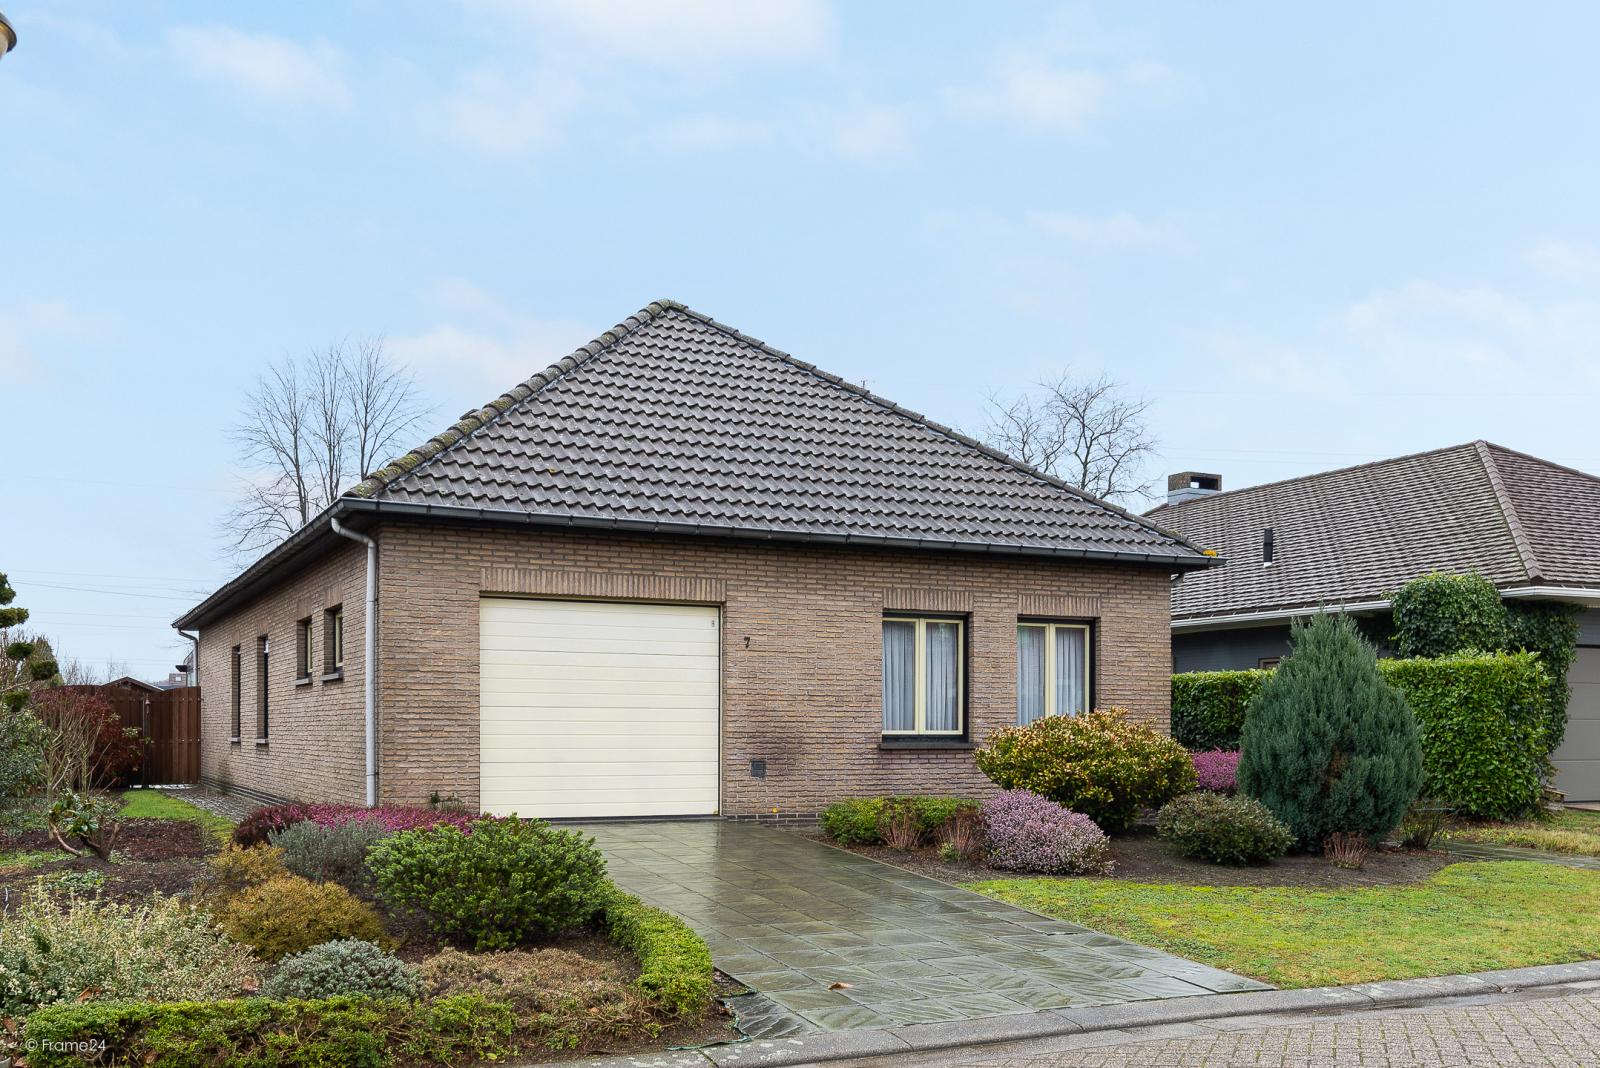 Zeer verzorgde vrijstaande laagbouwwoning met 3 slaapkamers op goede locatie te Wommelgem! afbeelding 24